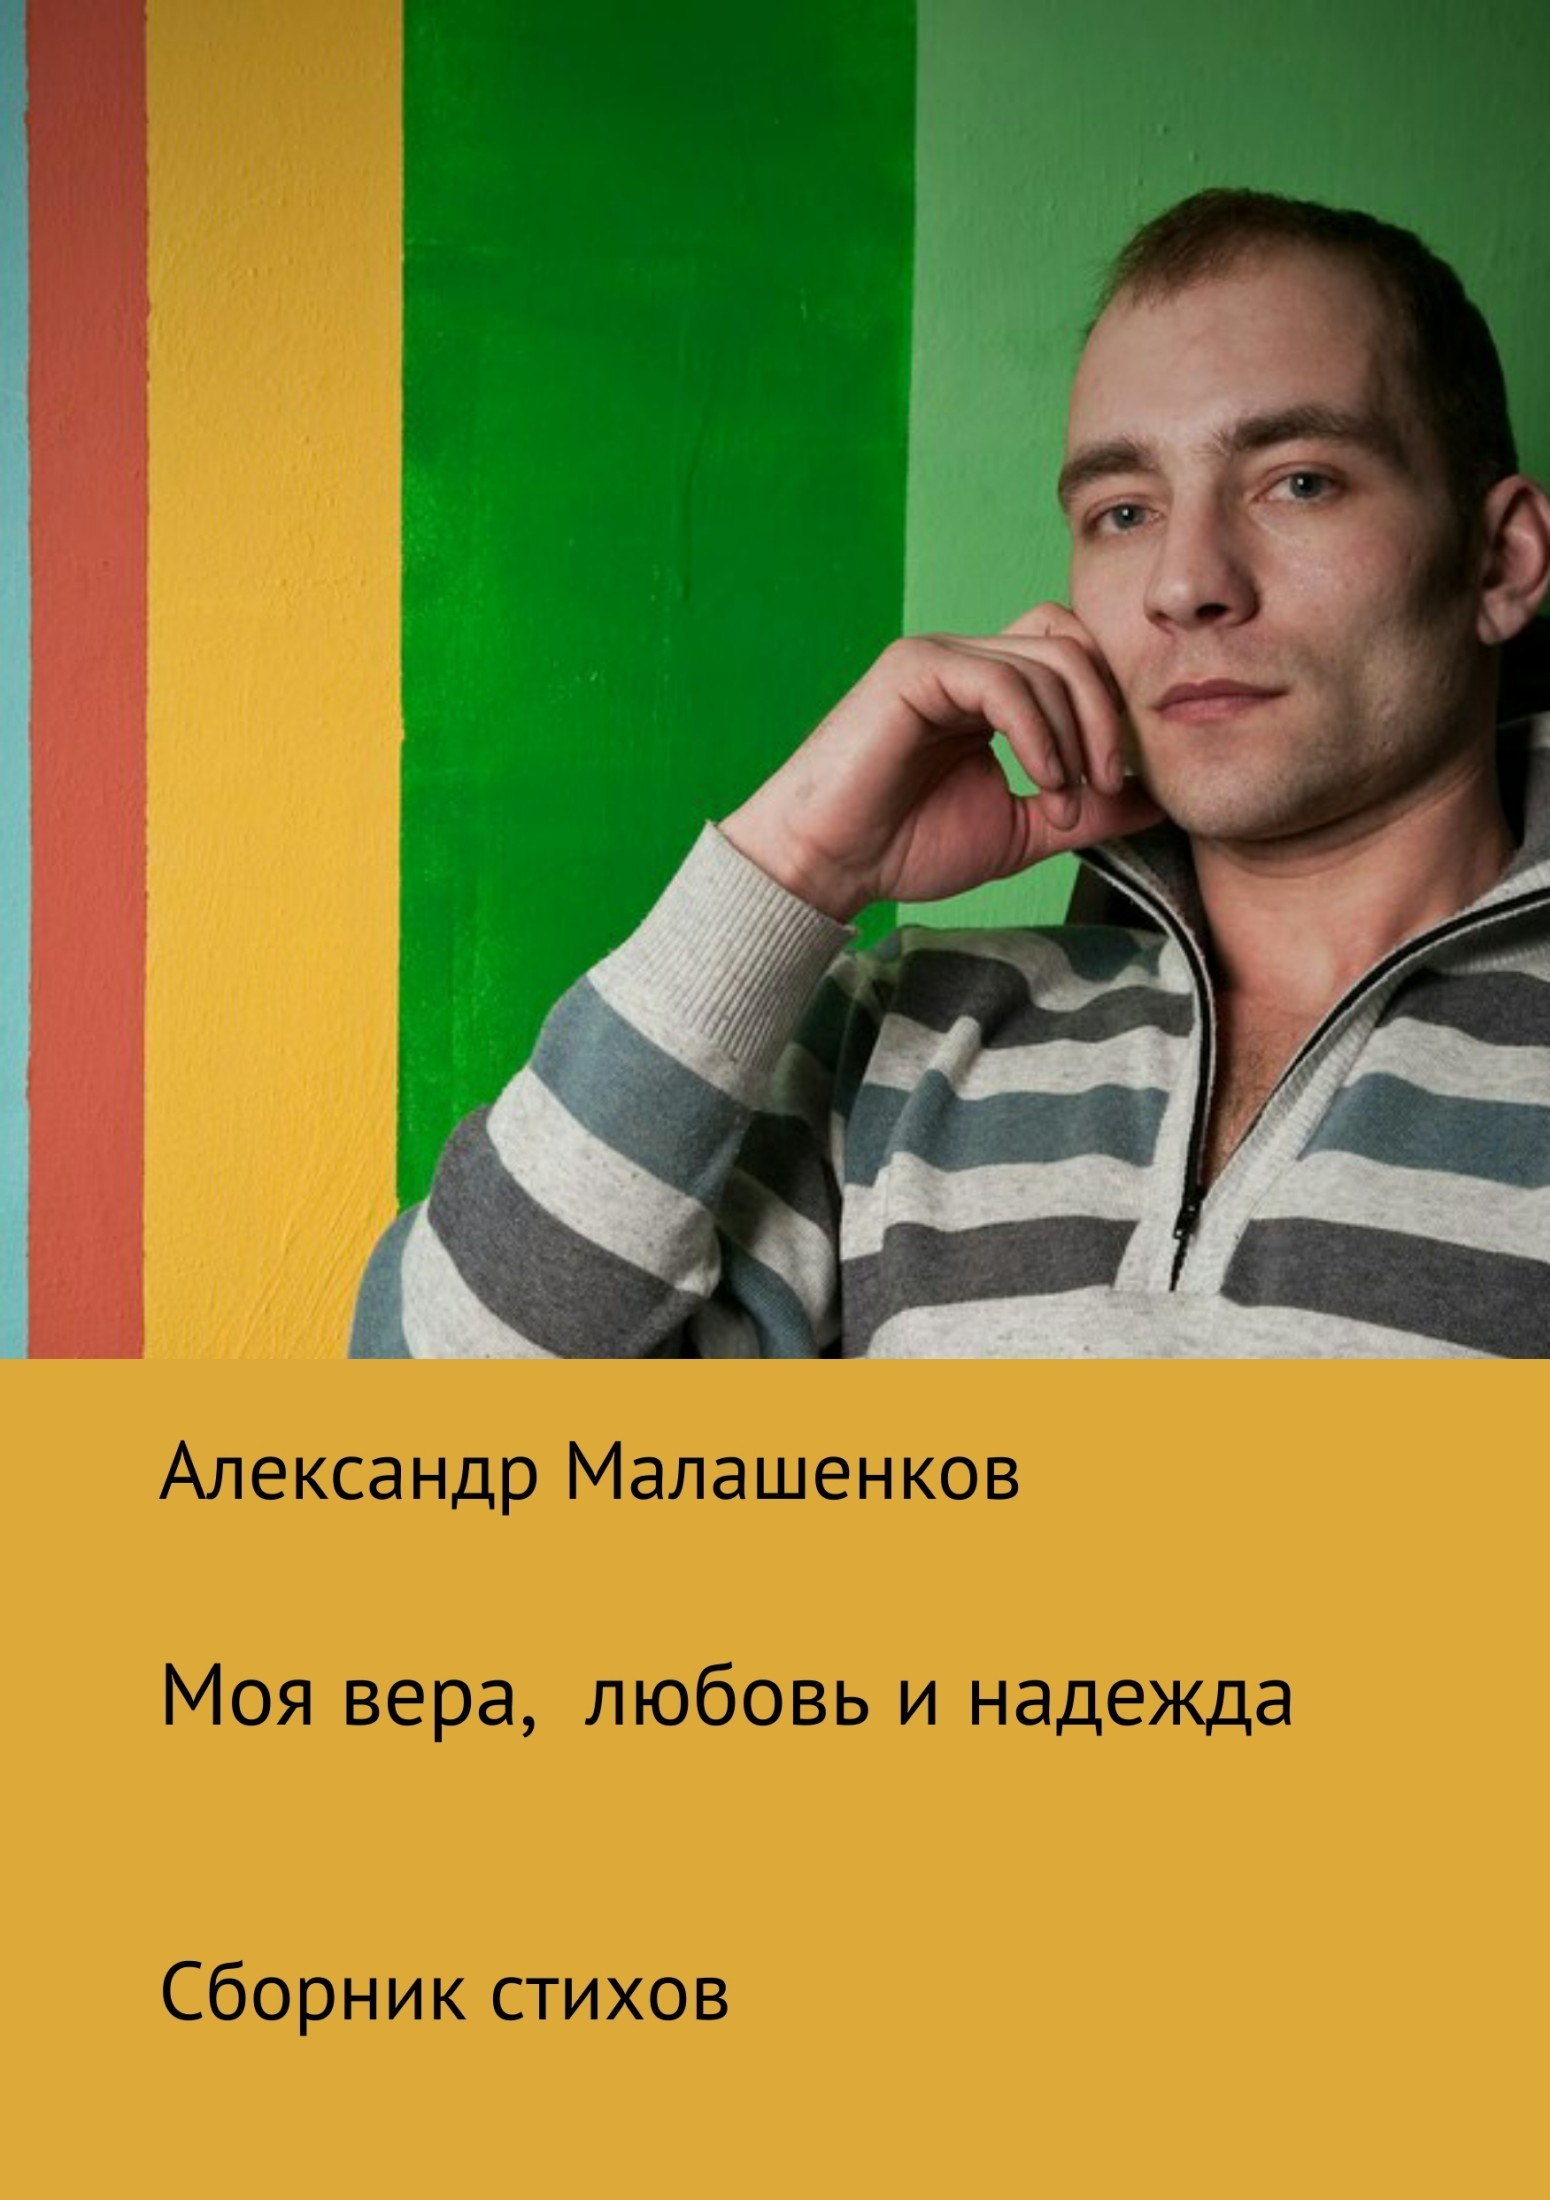 Александр Олегович Малашенков Моя вера, любовь и надежда. Сборник стихов иван колодиев судьба моя тебе спасибо стихи